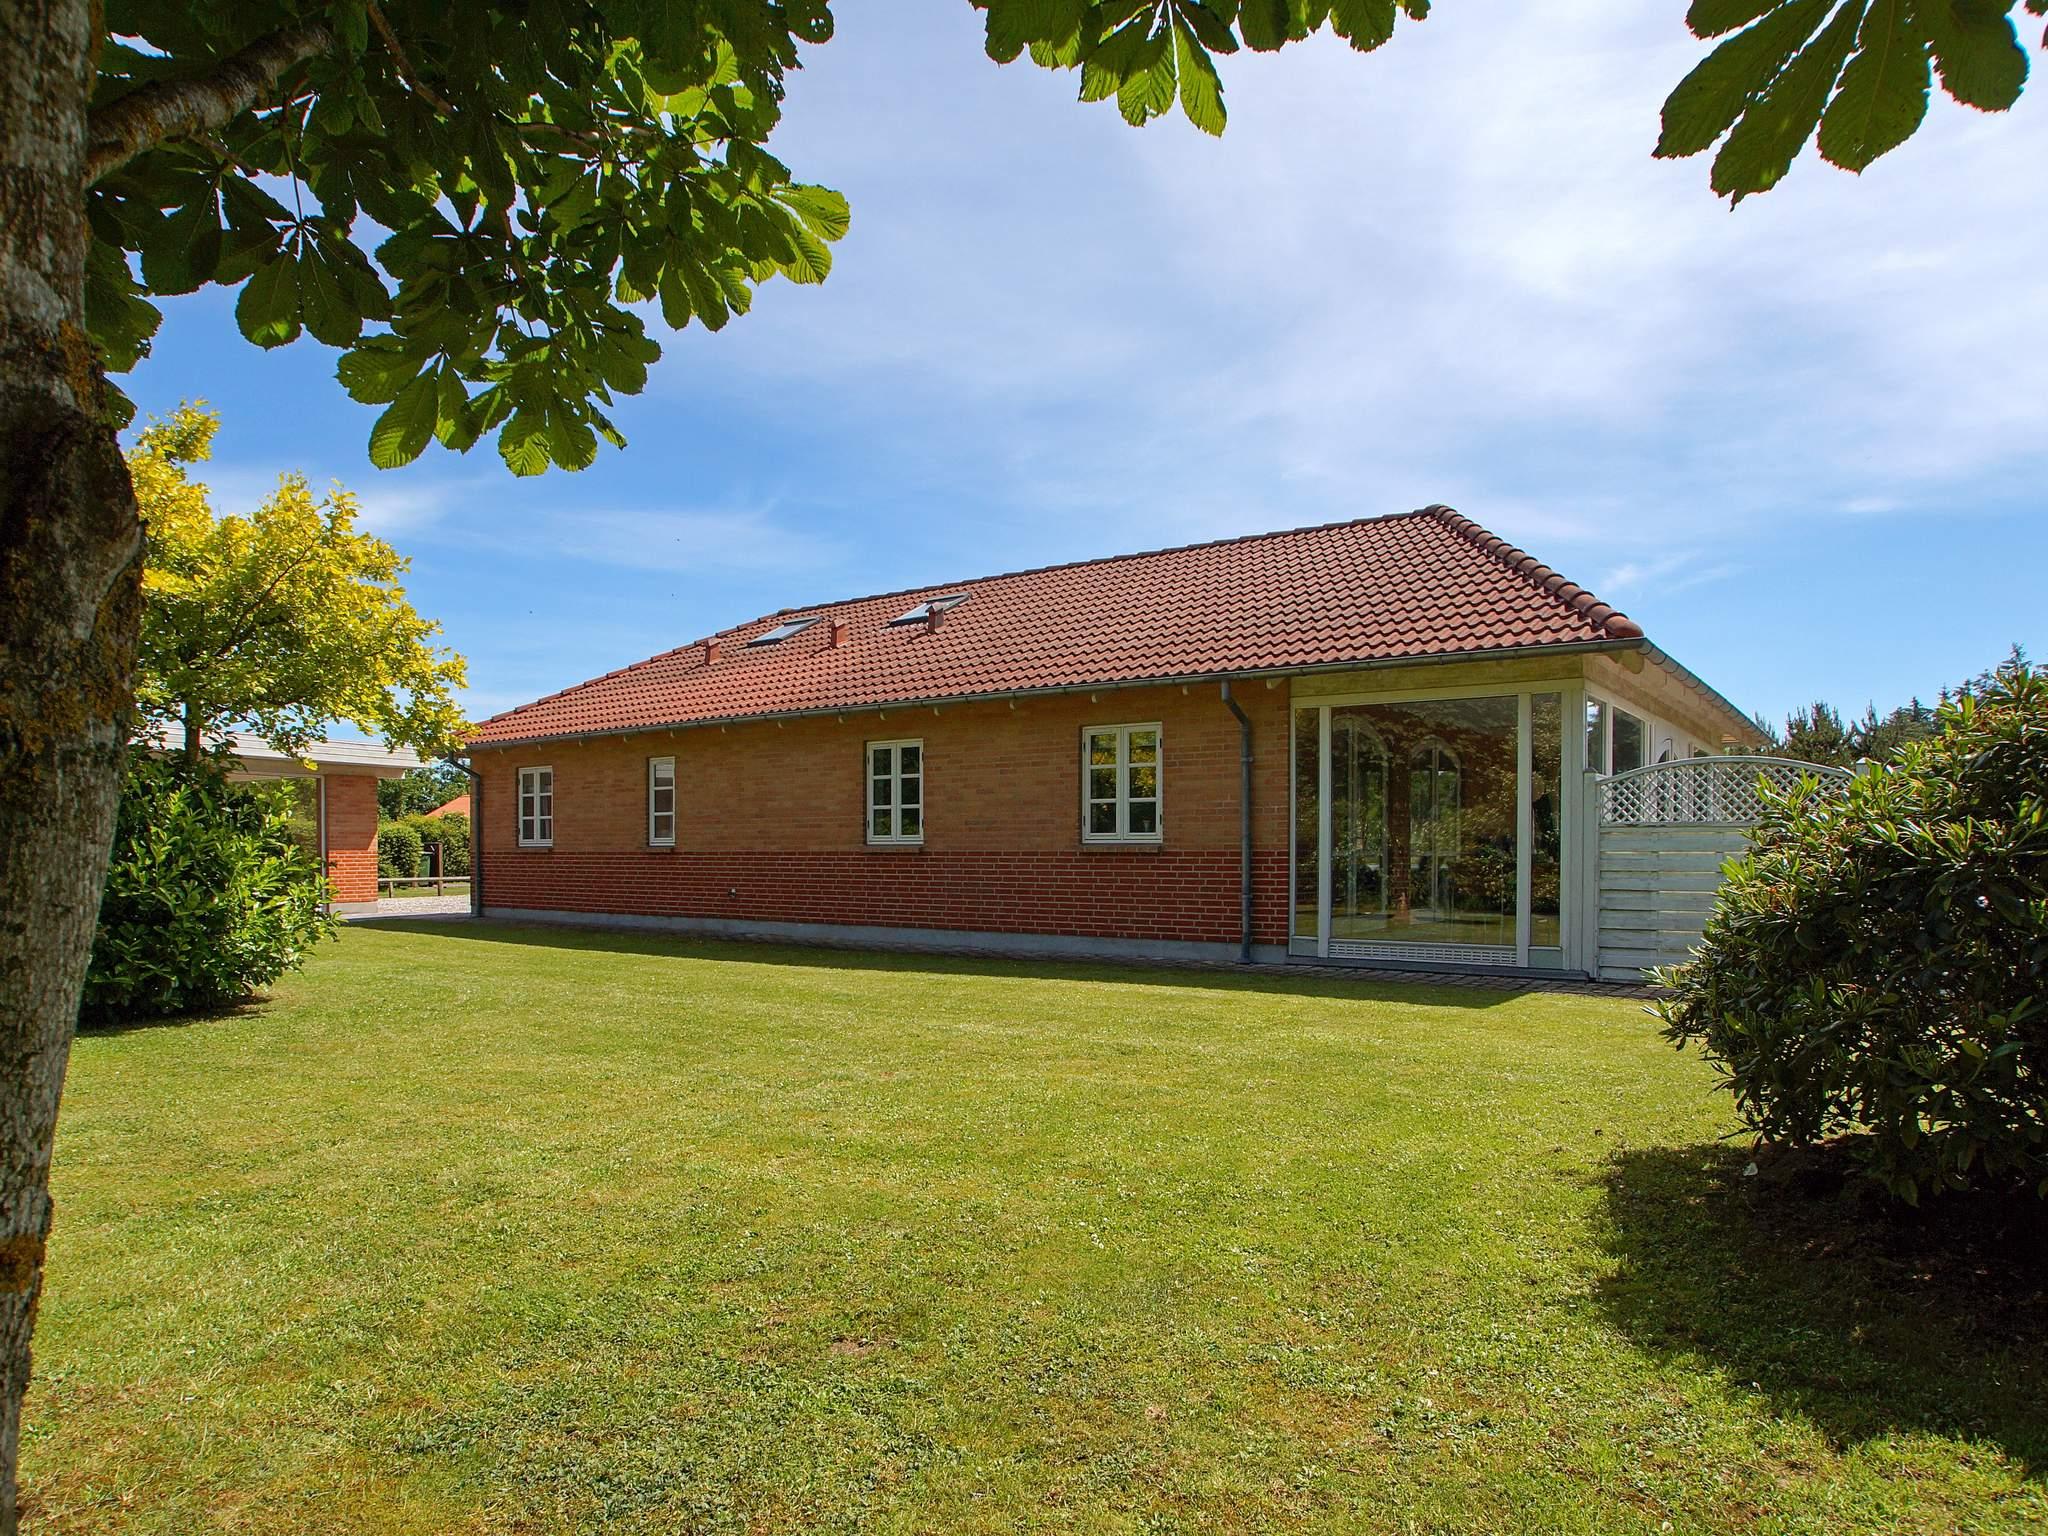 Ferienhaus Bork Havn (179282), Bork Havn, , Westjütland, Dänemark, Bild 20